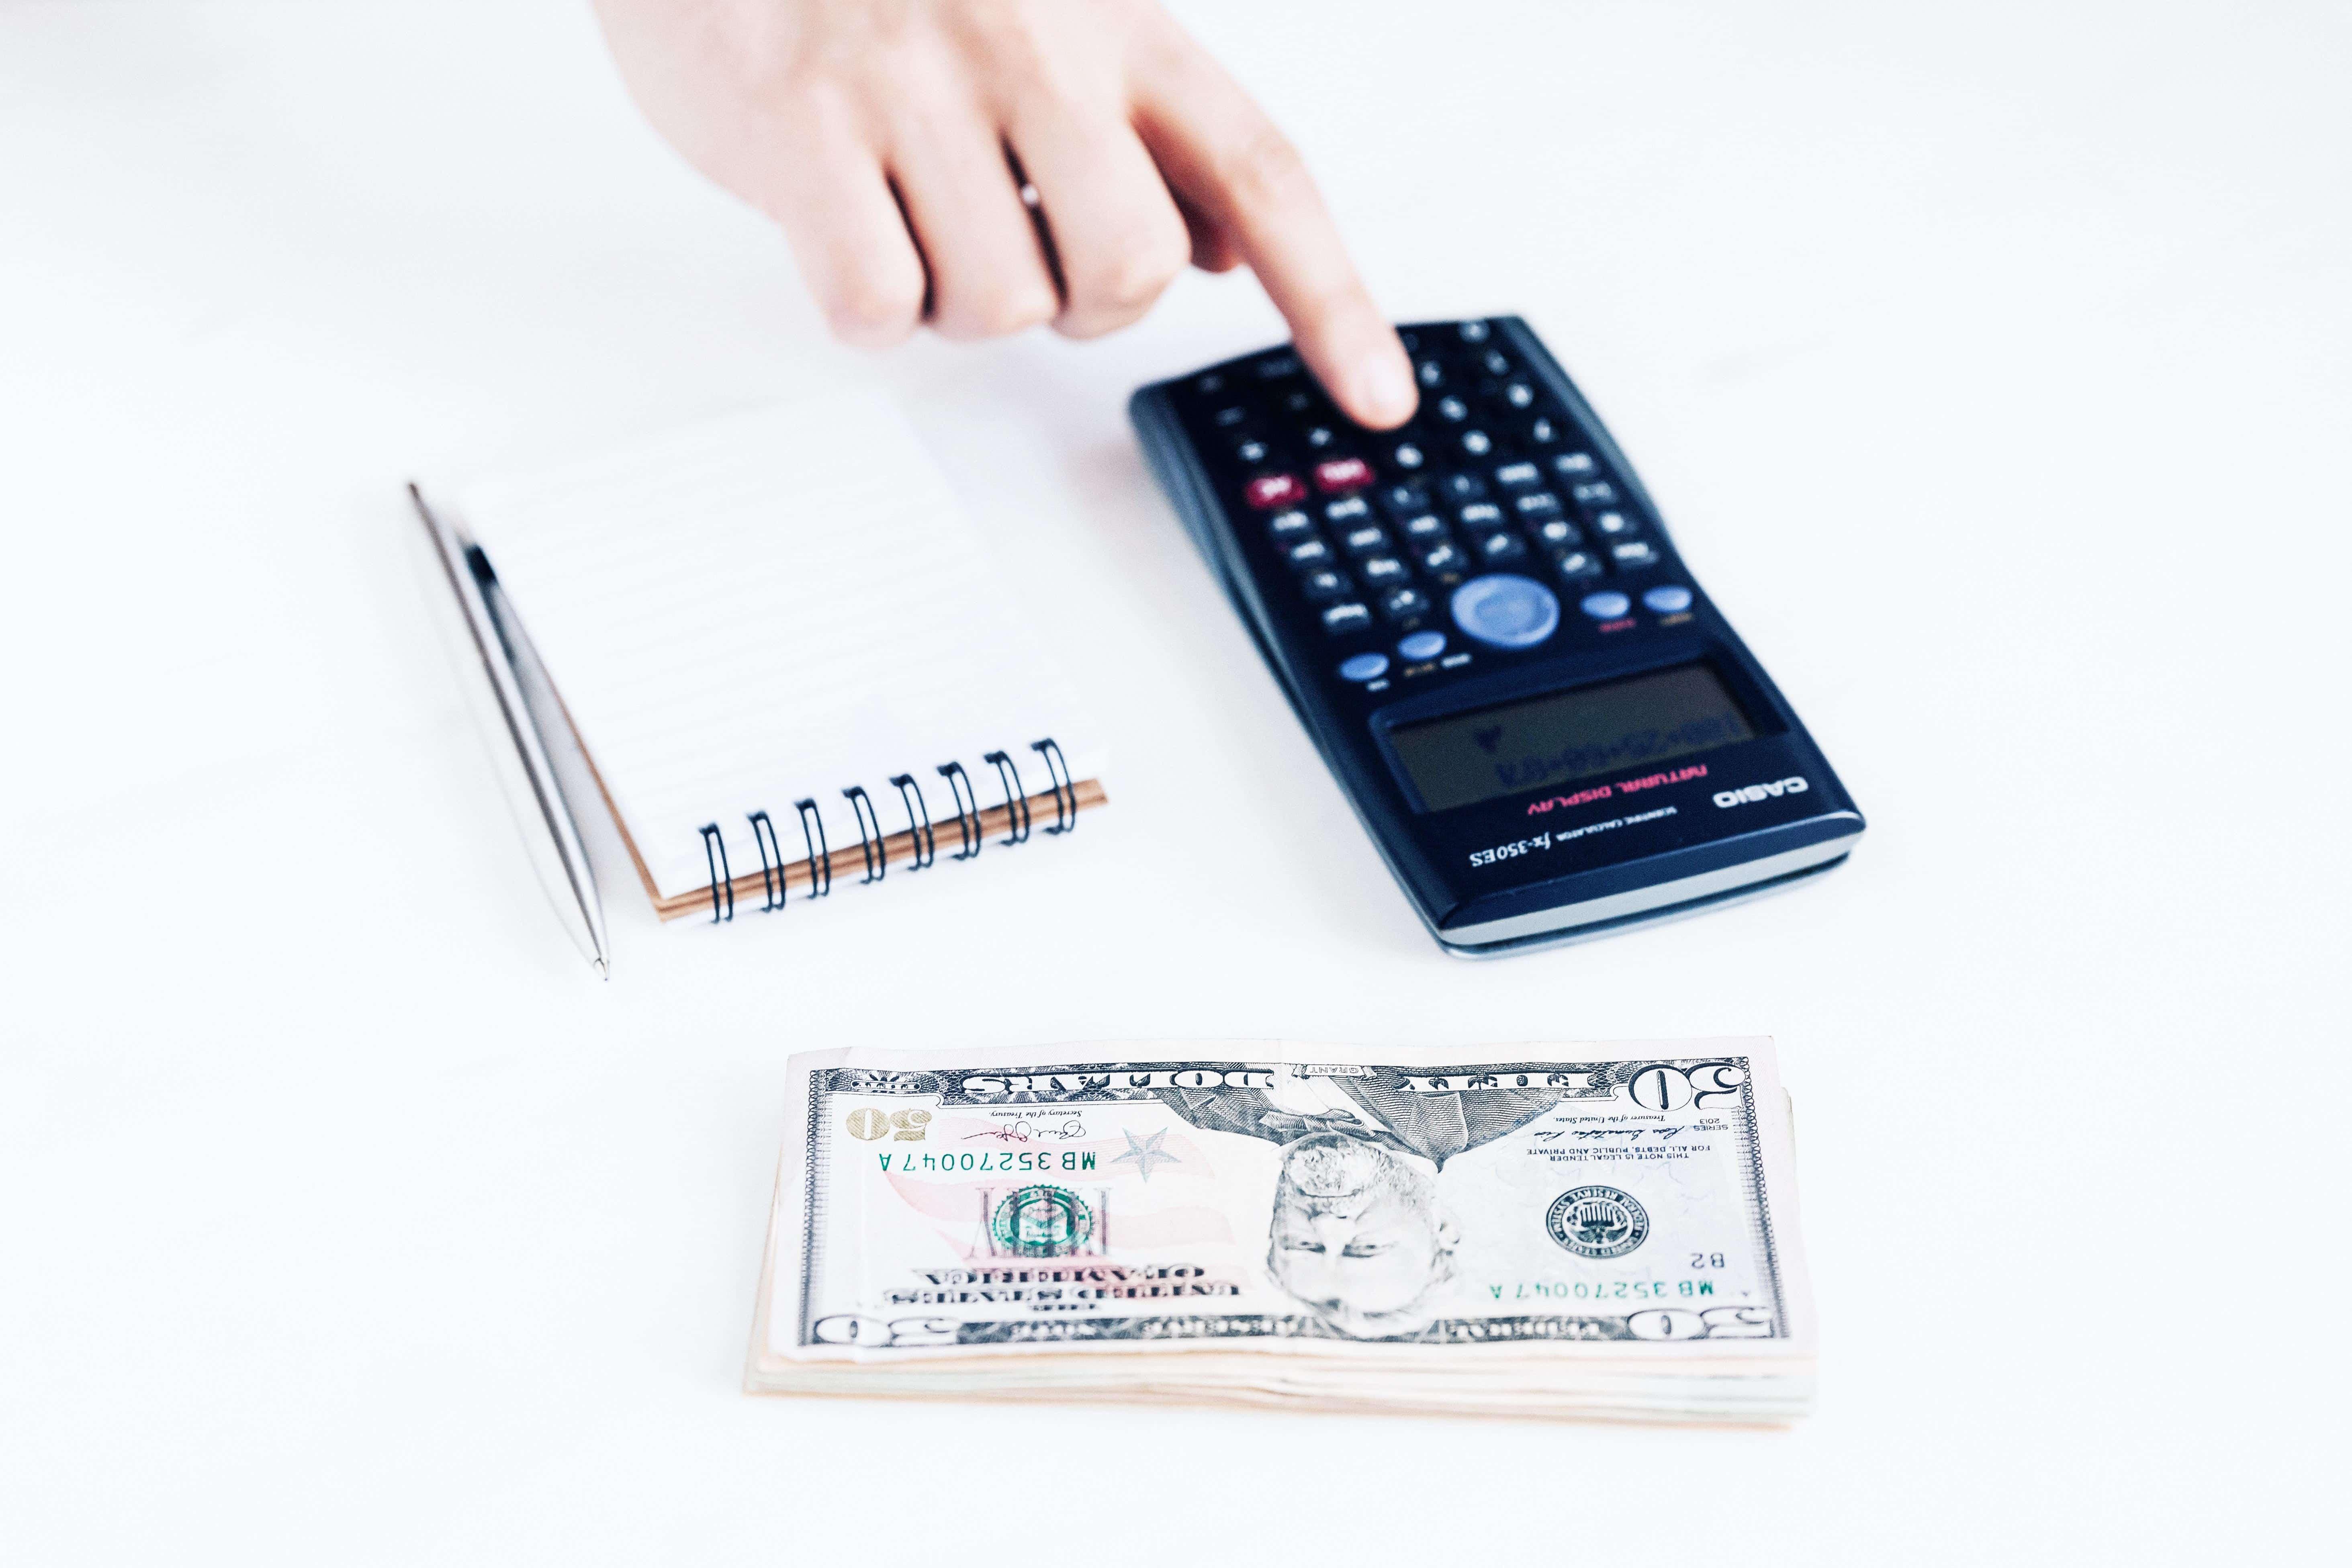 Wanneer Moet U Ingrijpen Bij Een Niet Betalende Debiteuren | Onbetaalde Facturen | Credit Care | Blog